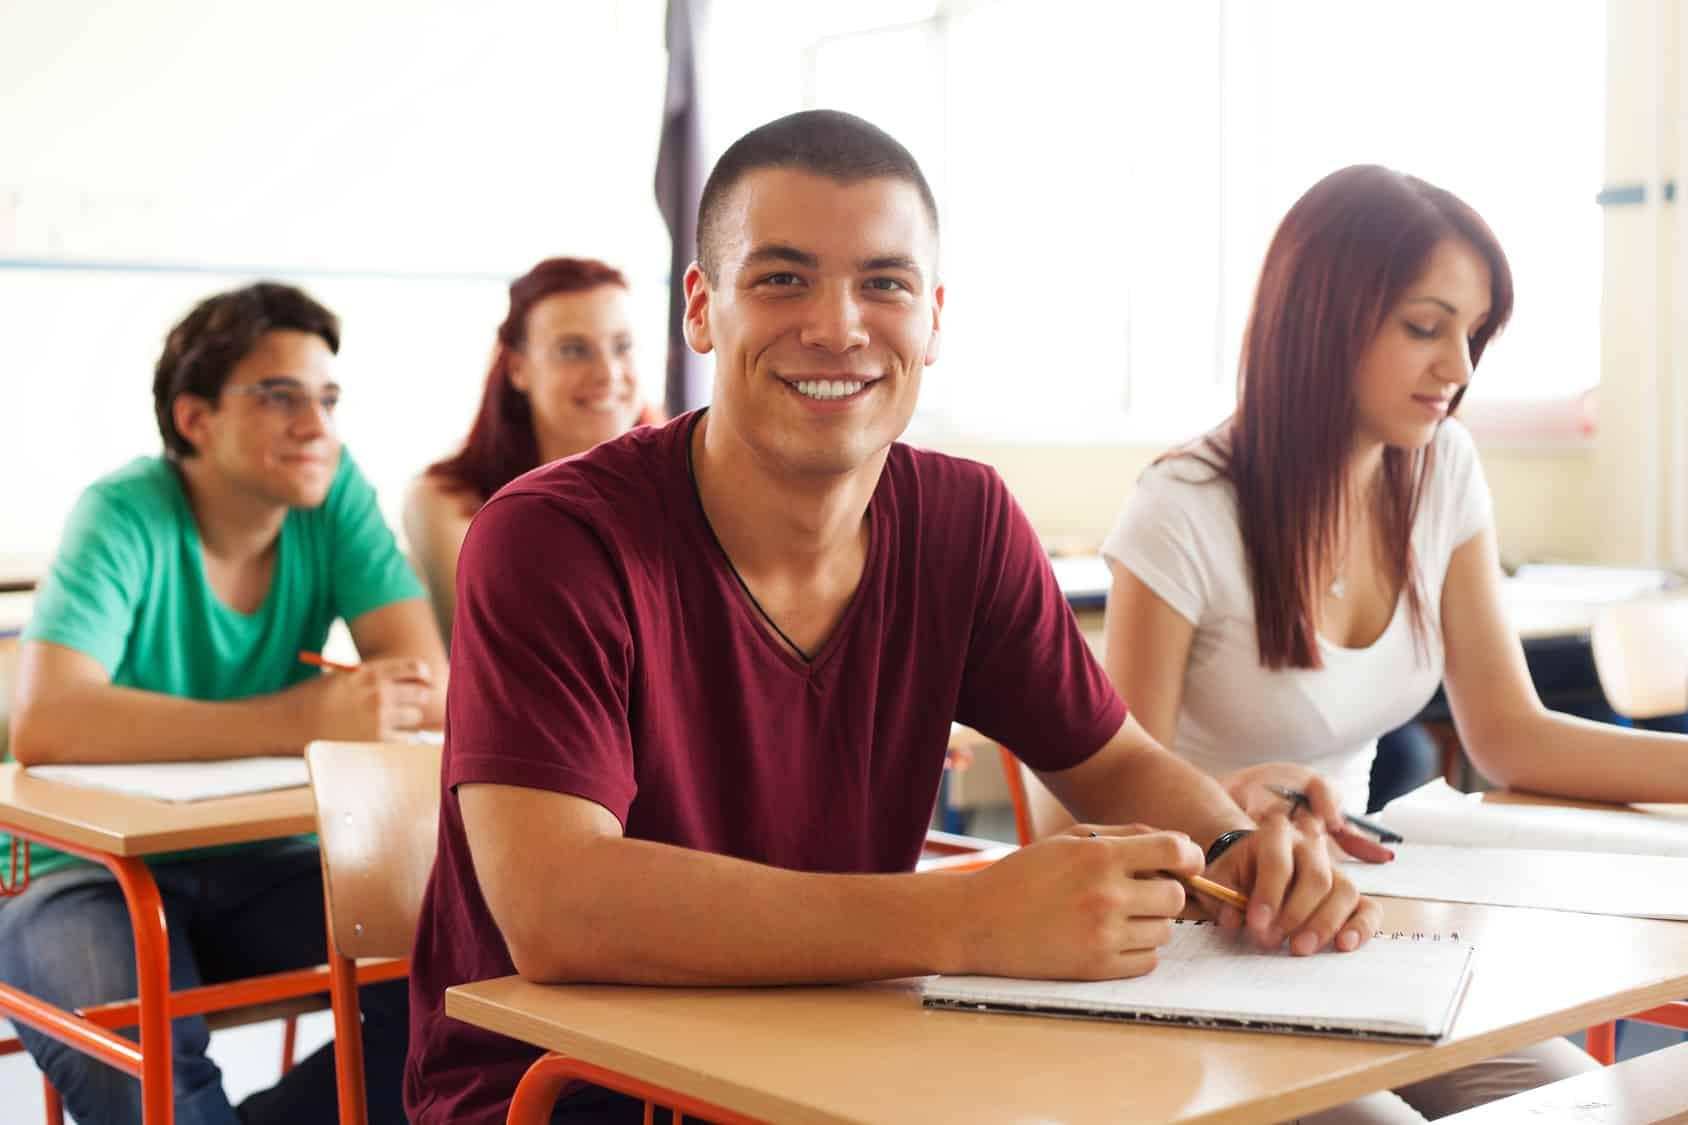 Reformas de asistencia financiera educacional en Ontario permitirán que 210.000 alumnos estudien gratis, sostiene gobierno